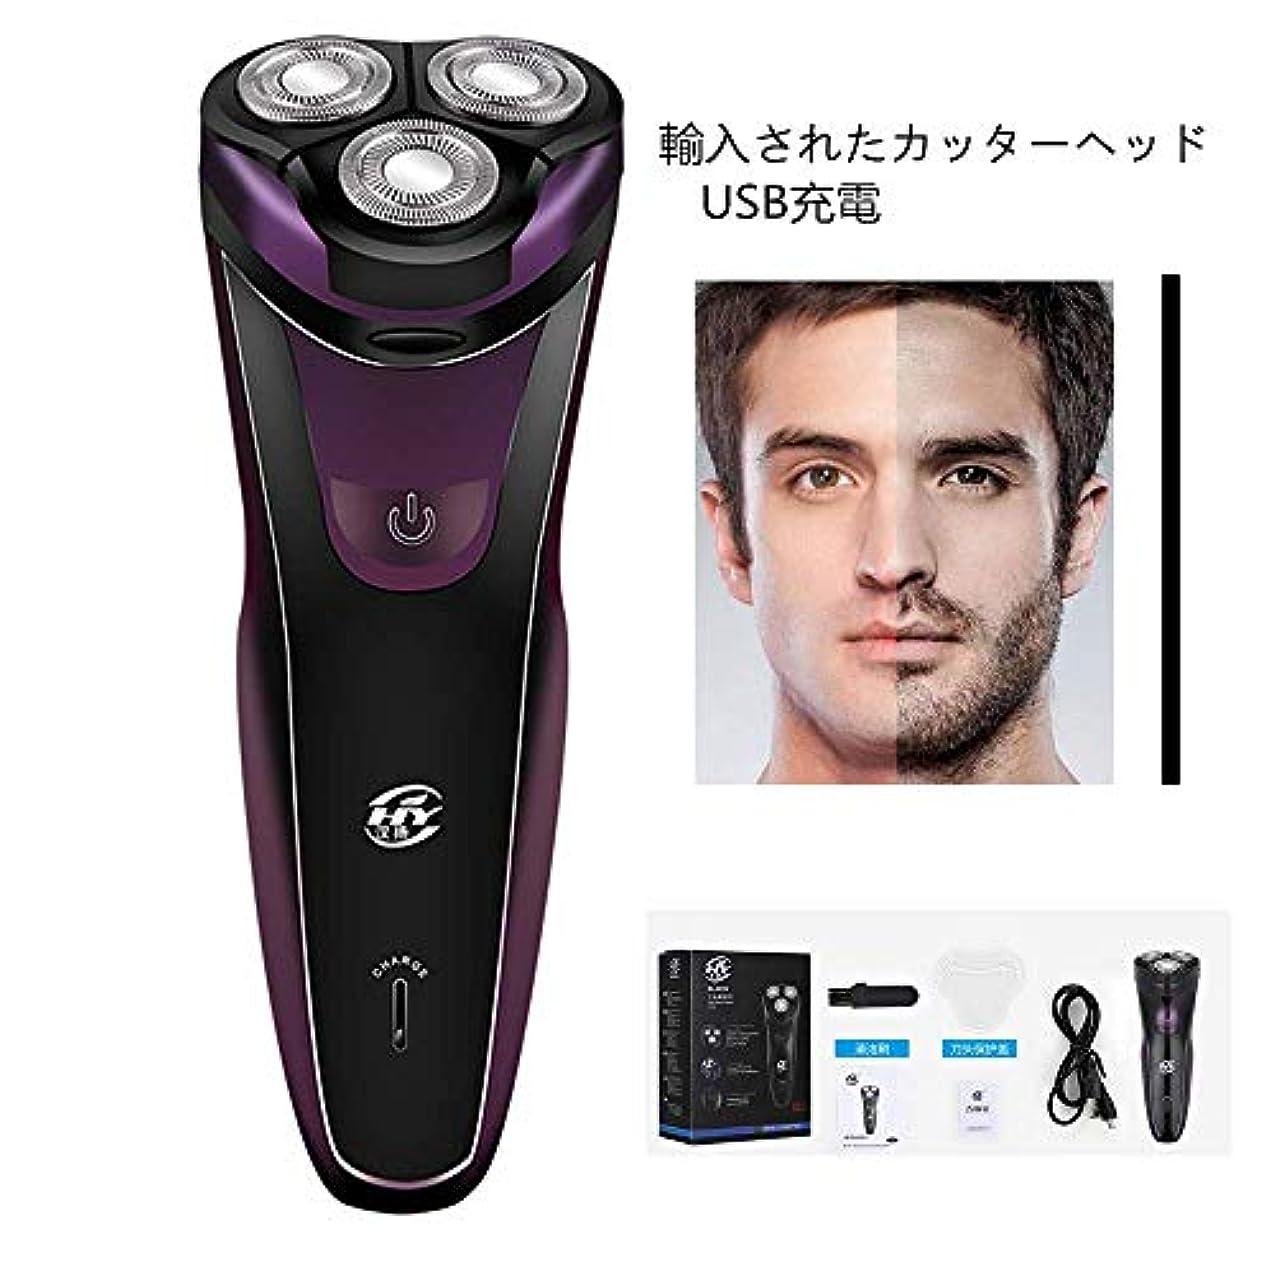 博覧会連想可決USBシェーバー洗浄新しい電気ひげナイフ車充電男性シェーバー本物のシェービングツール電気